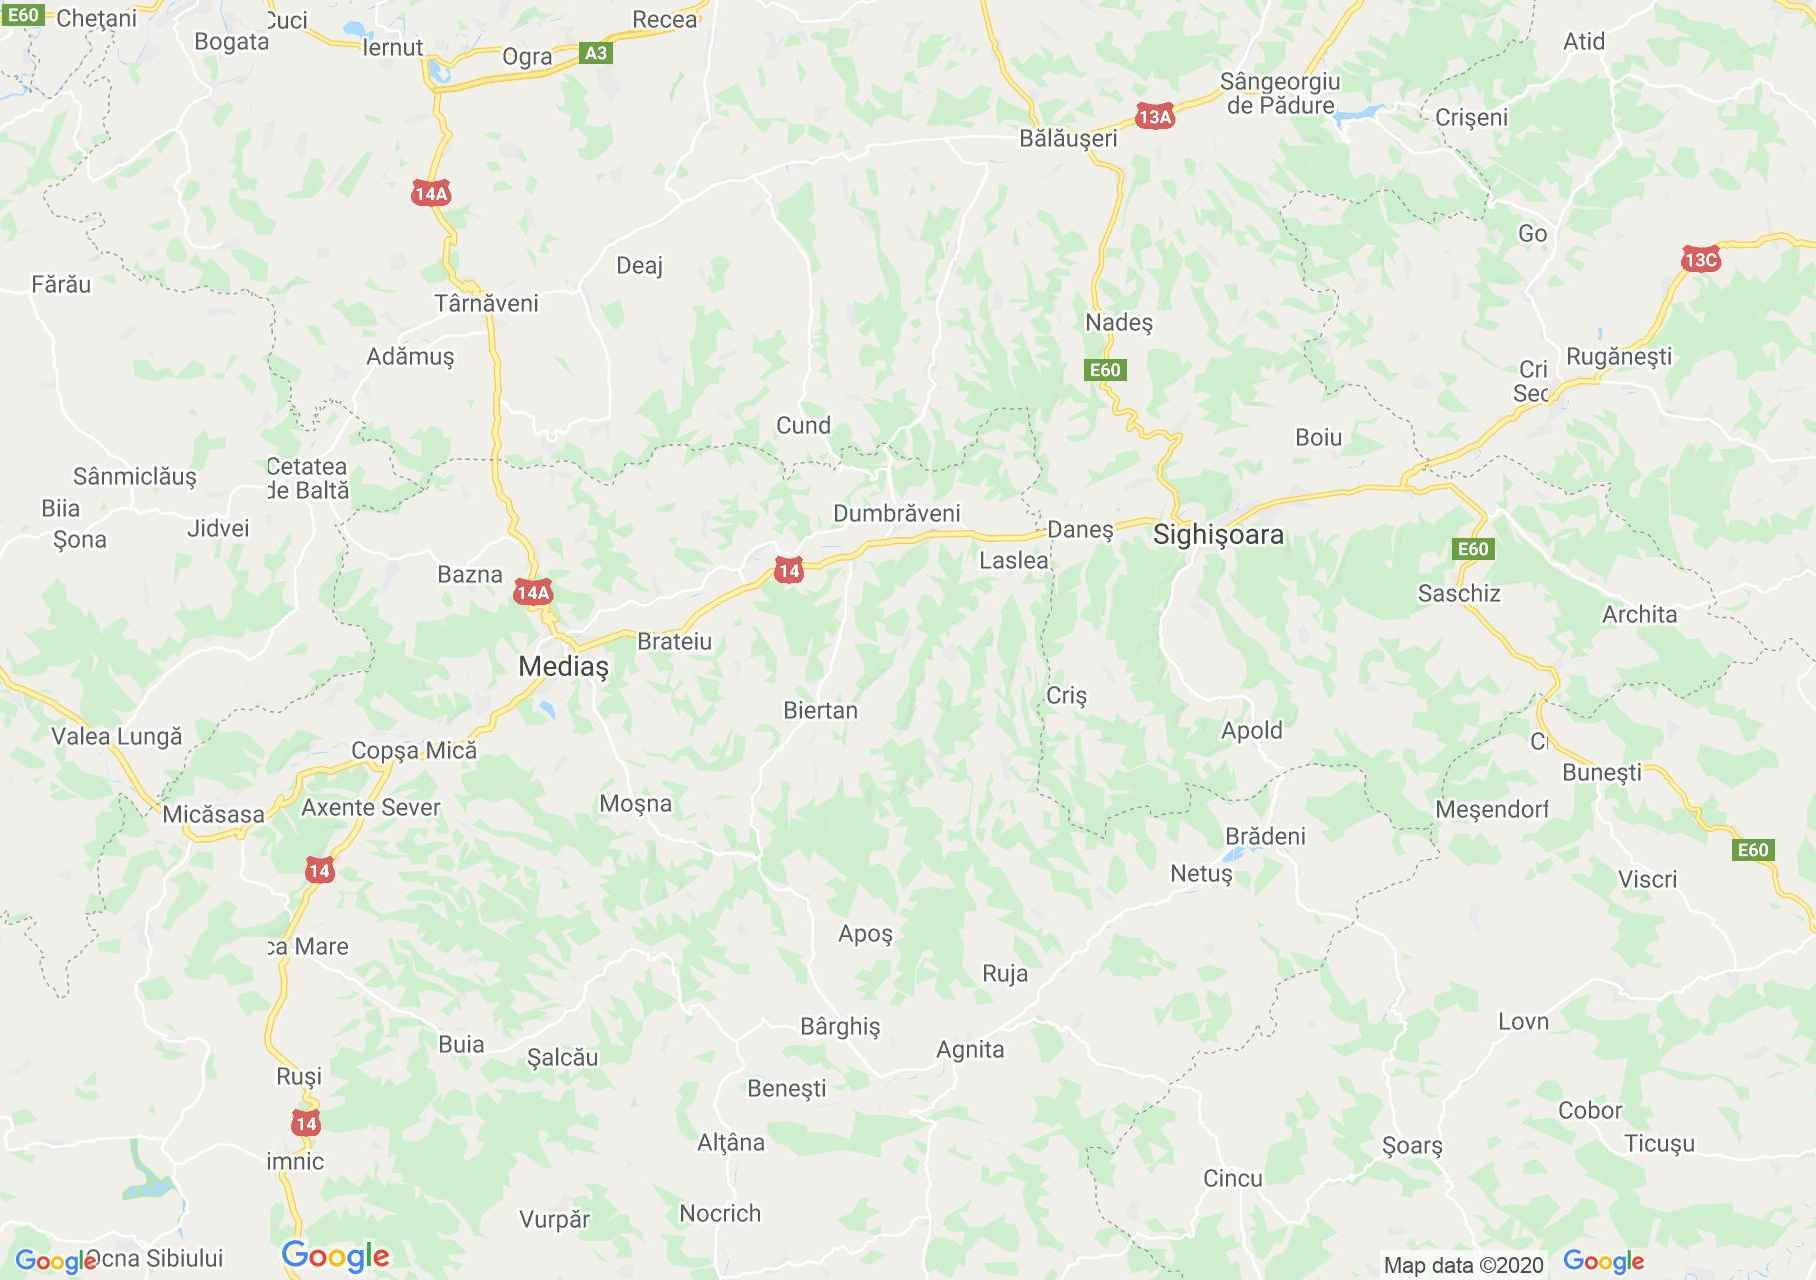 Mediaş - Sighişoara area, Interactive tourist map